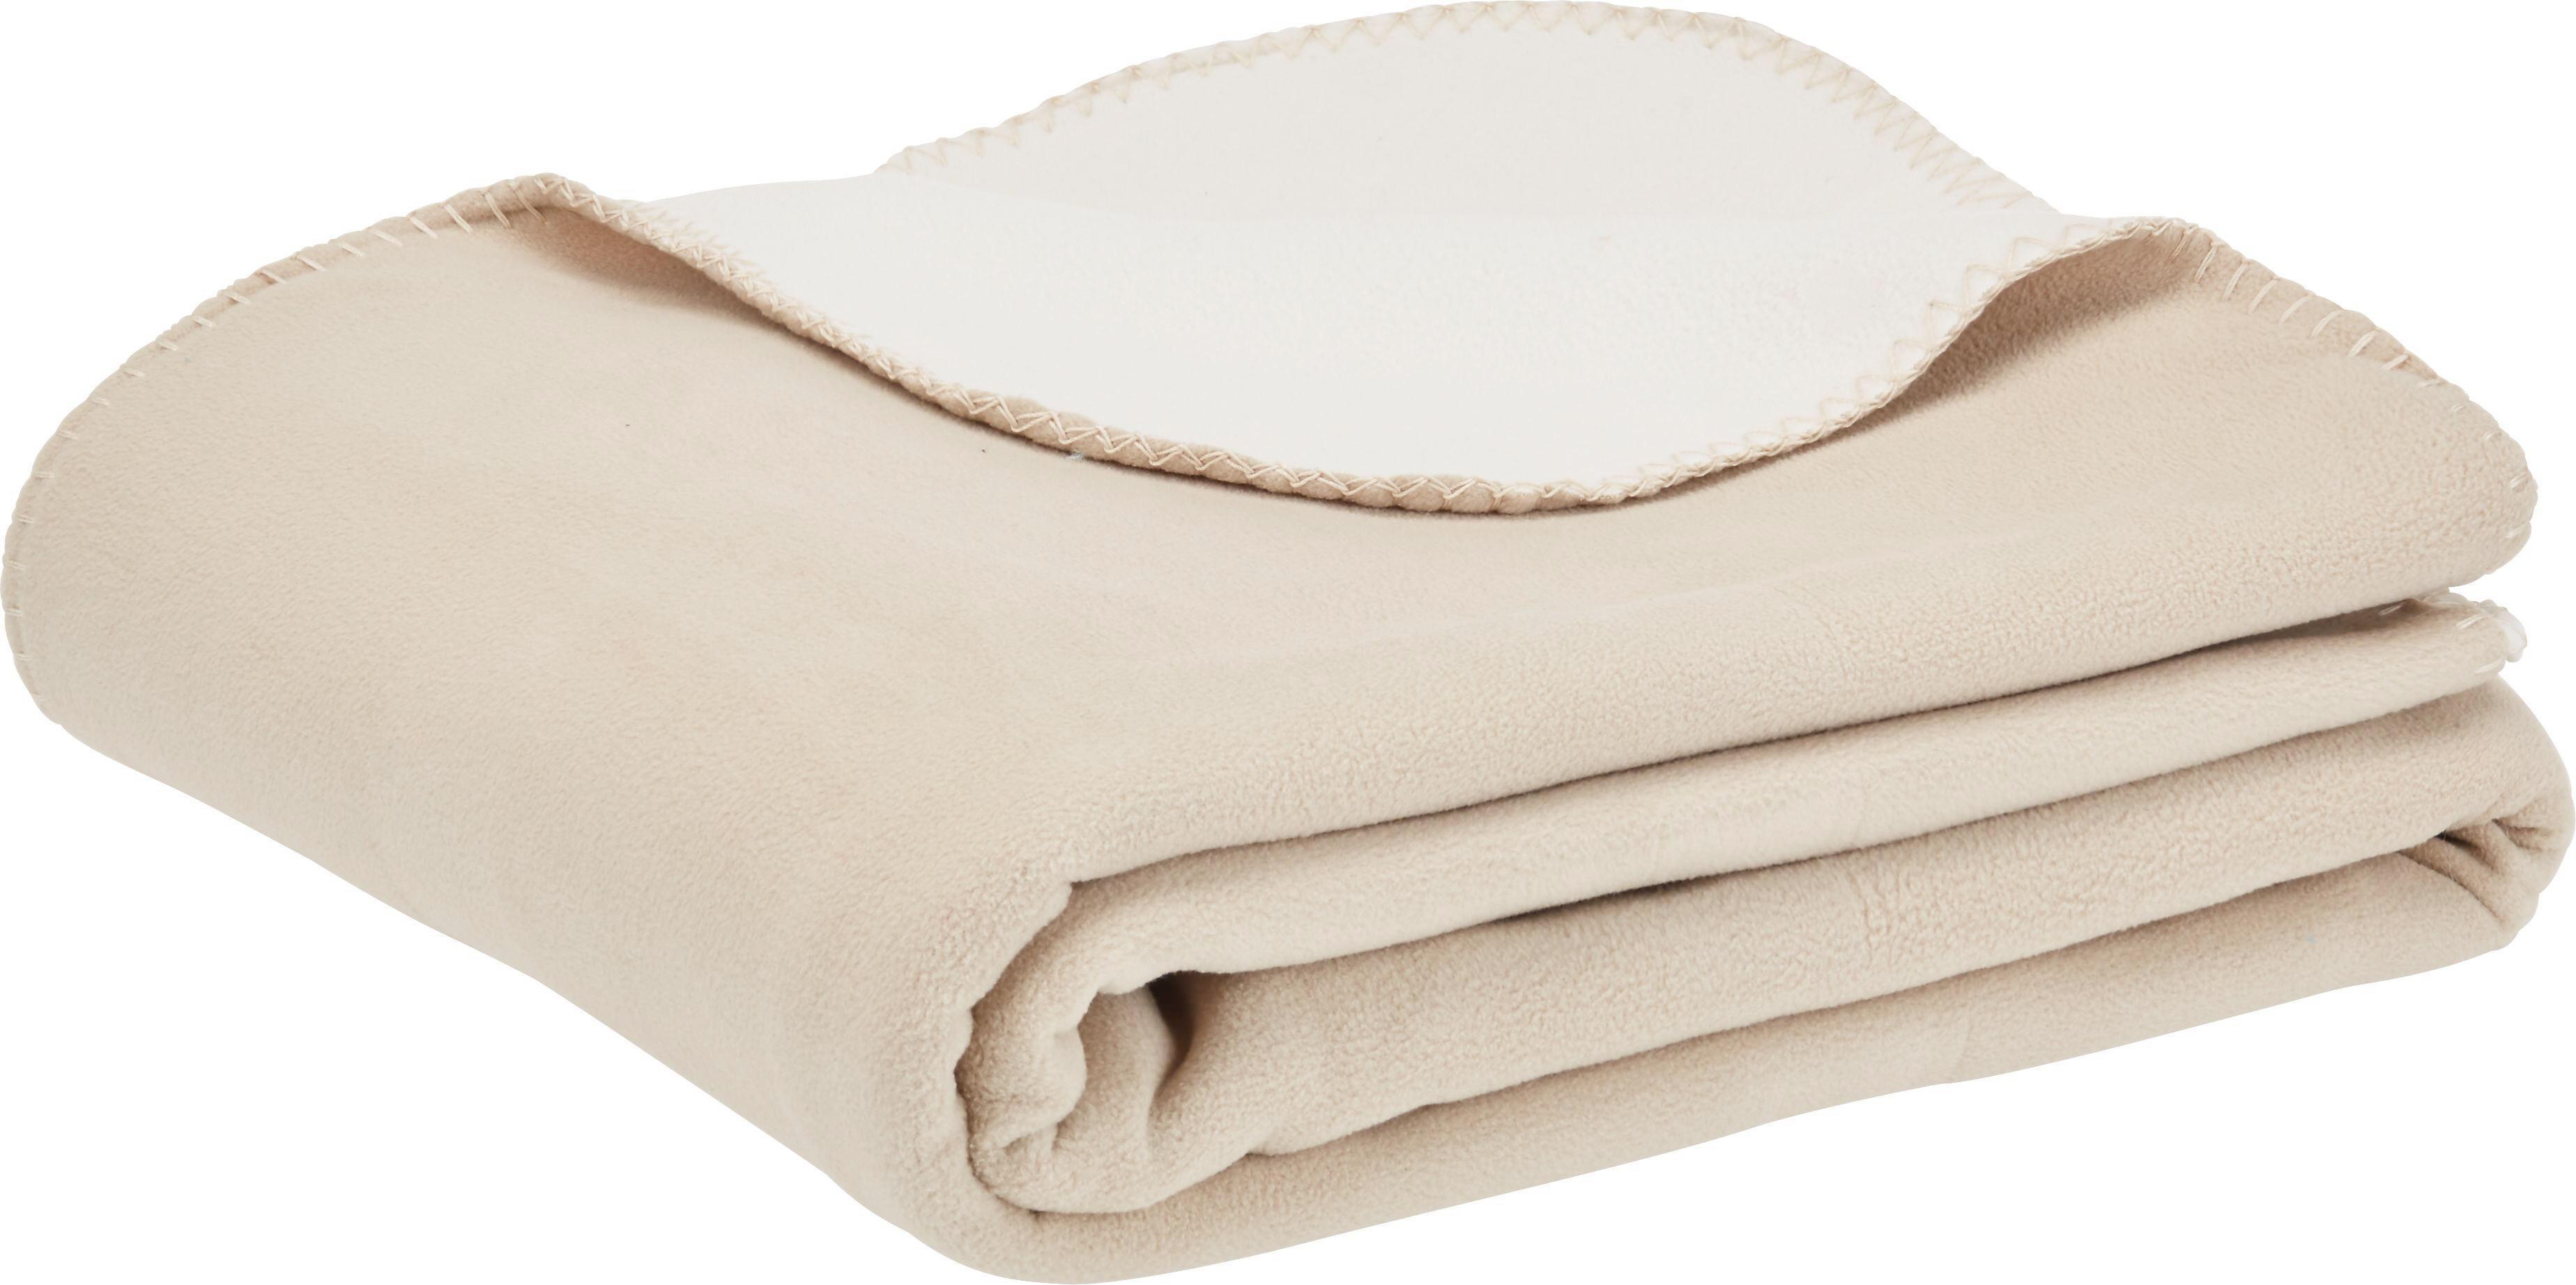 Fleecedecke Martin Wende in Beige/Weiß - Beige/Weiß, Textil (150/200cm) - MÖMAX modern living